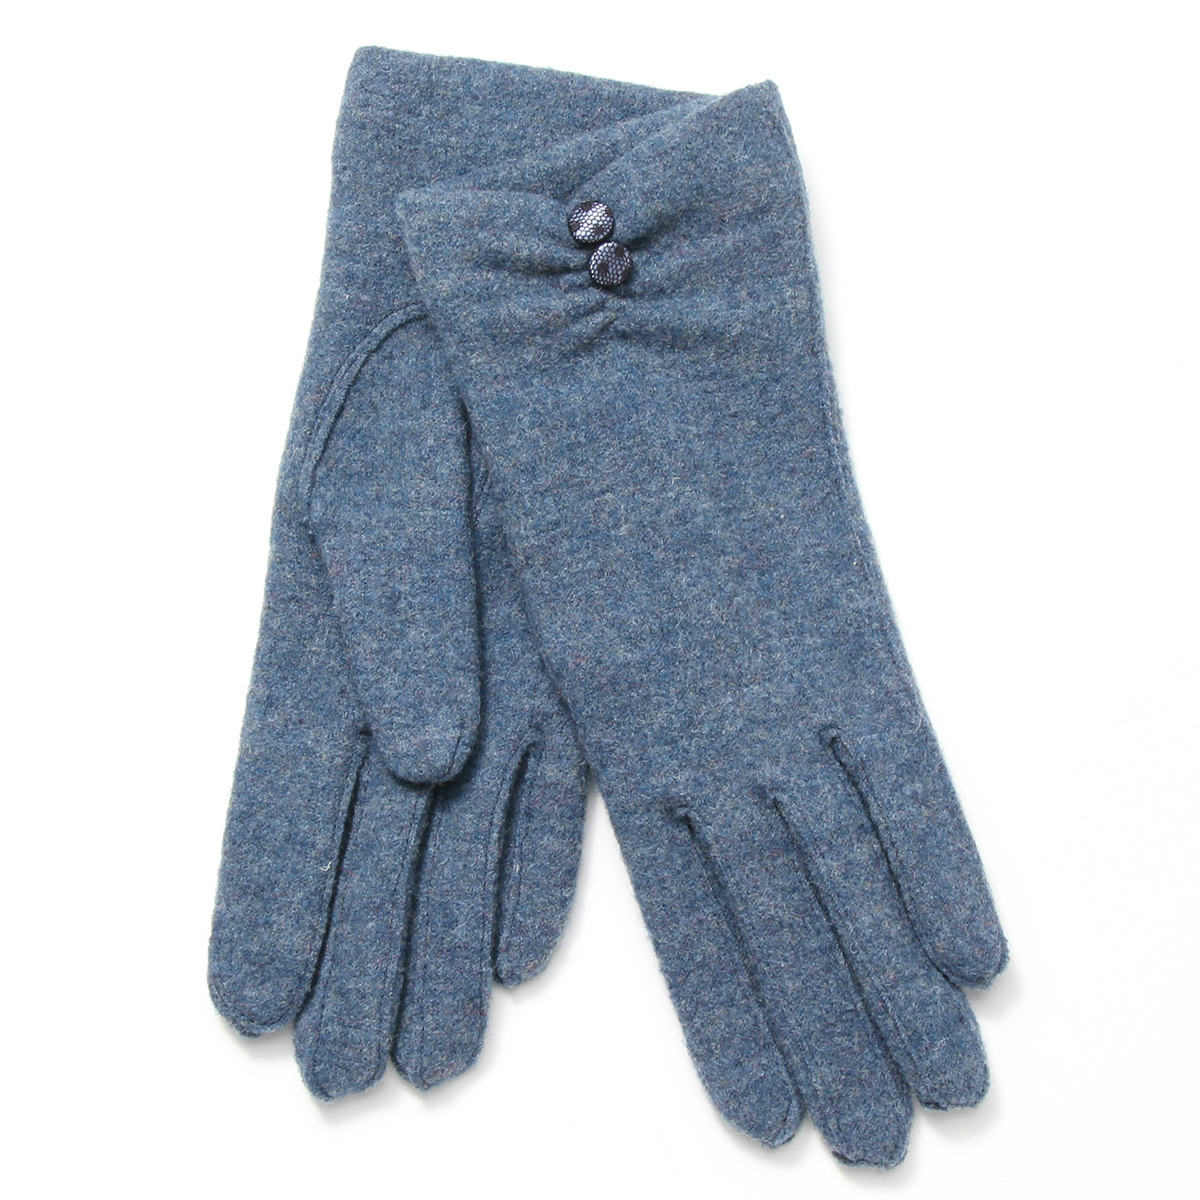 レディース手袋 あったか 二重ジャージ シルクカシミヤ混裏地付 アルタクラッセカプリガンティ Mサイズ 全5色